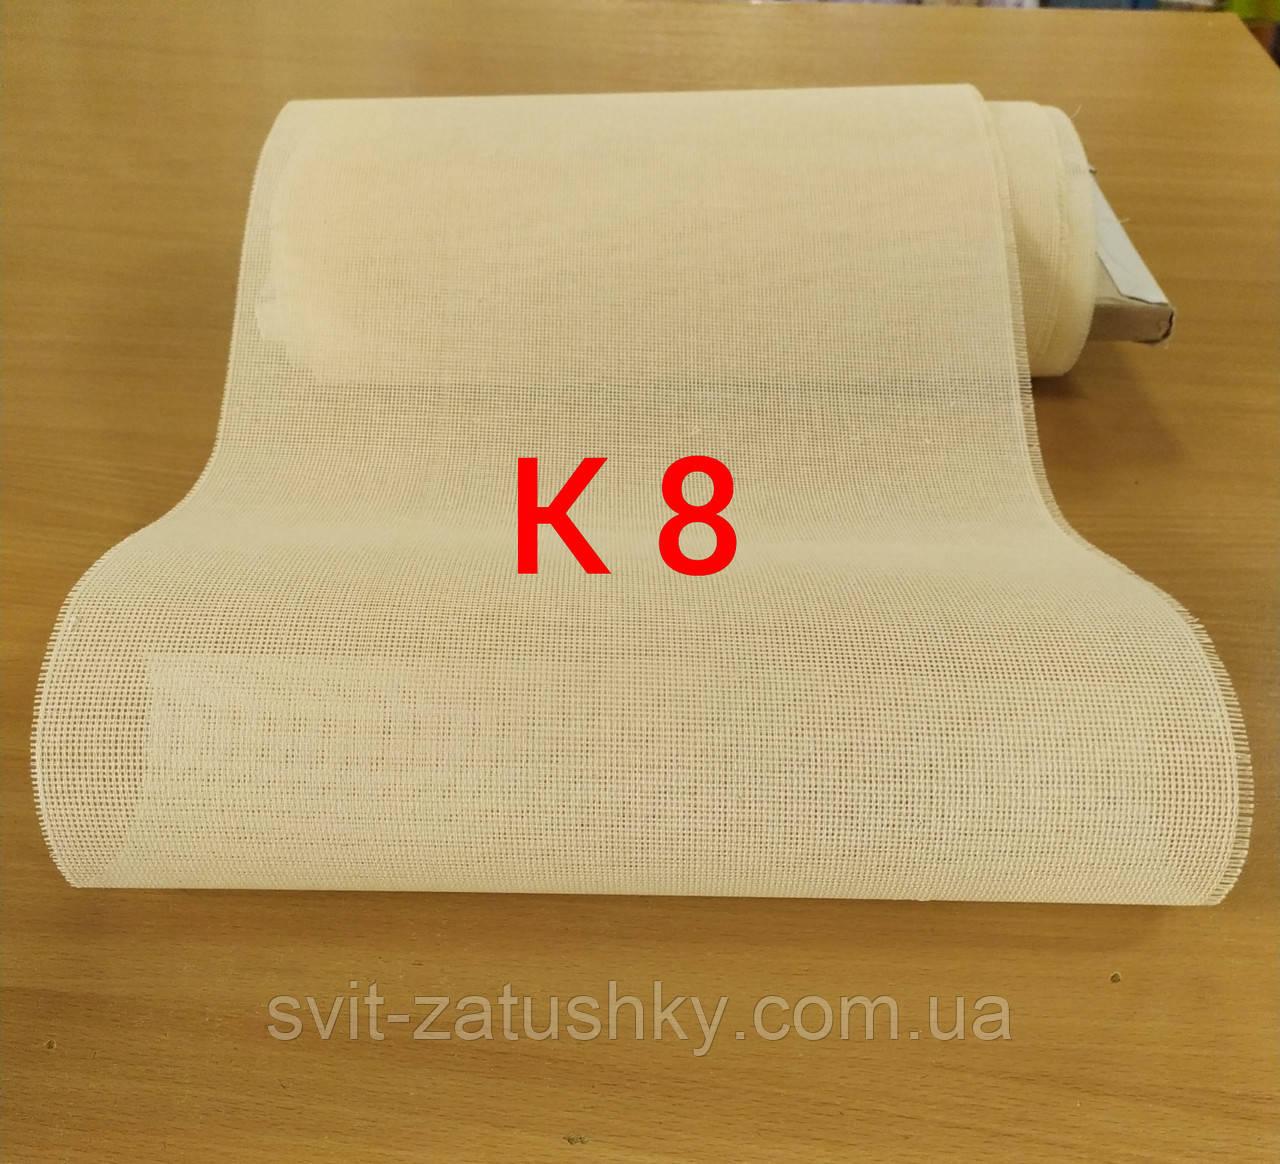 Страмін - канва для ручної вишивки , шириною 35 см.